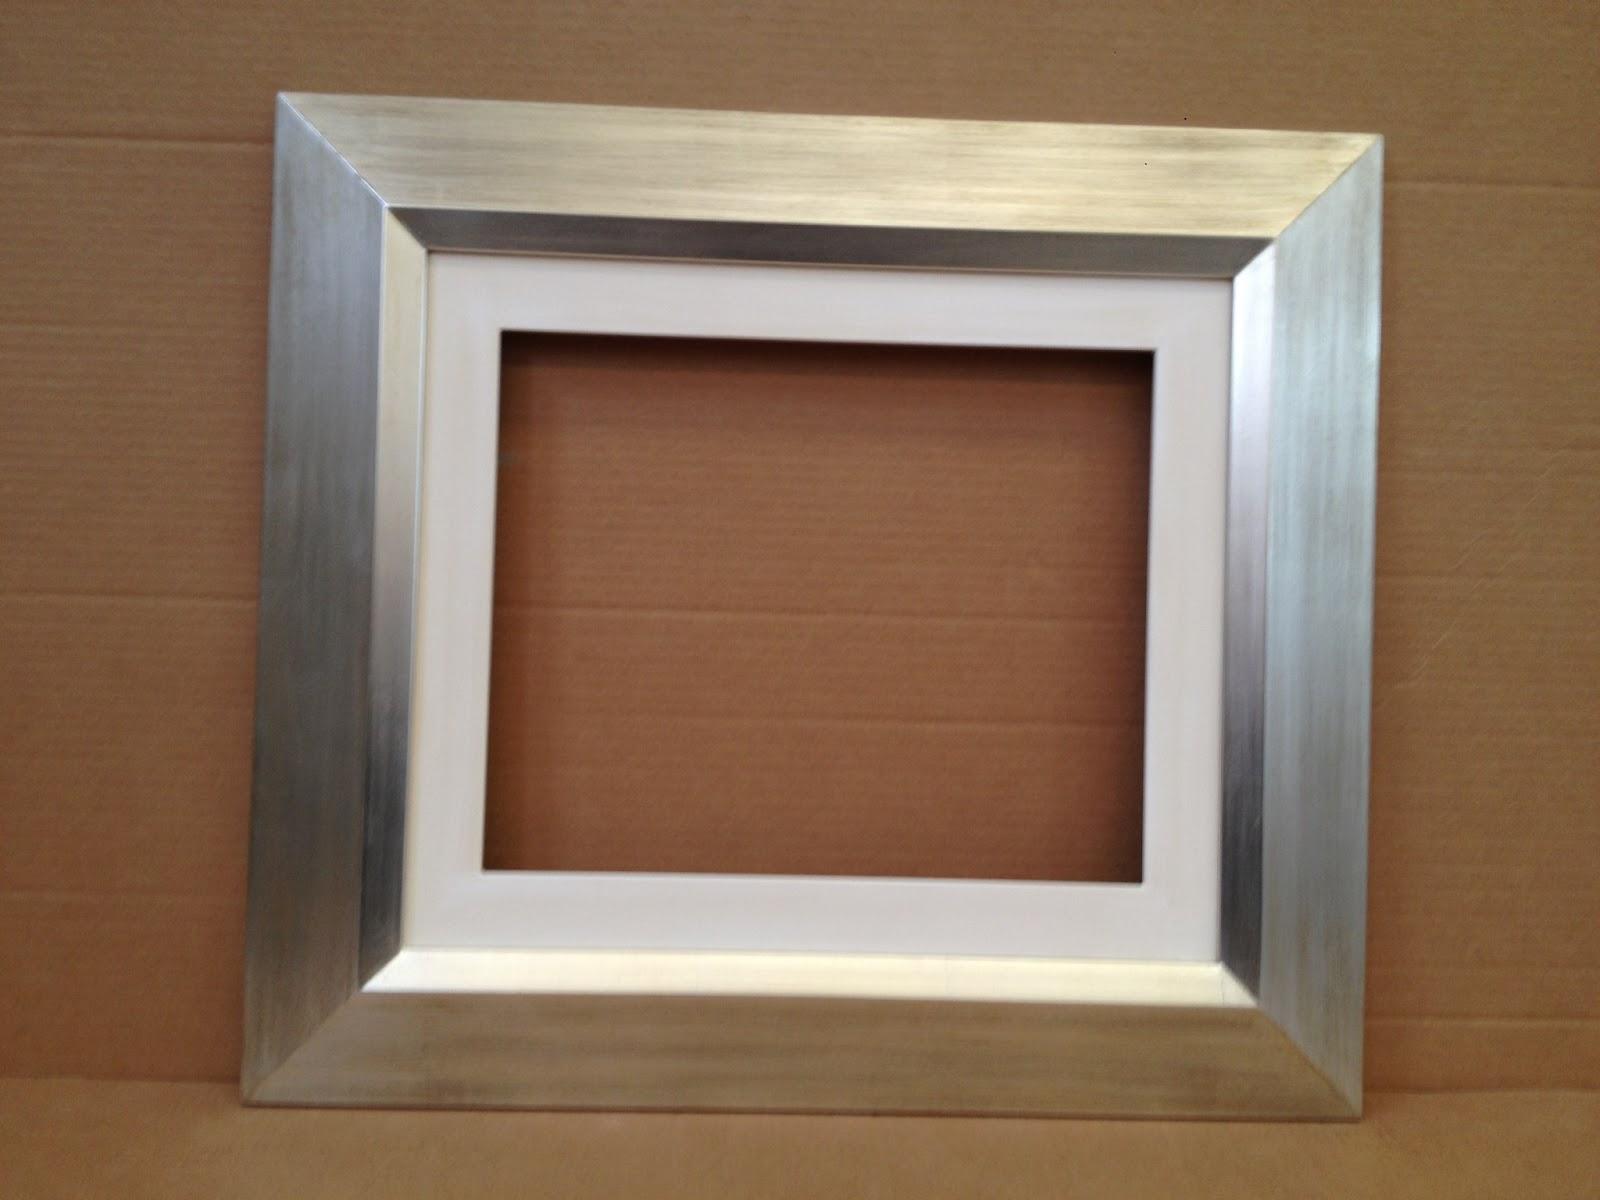 Kino marcos molduras marcos para cuadros enmarcacion venta al publico precios de taller mayo 2013 - Marcos para cuadros ikea ...